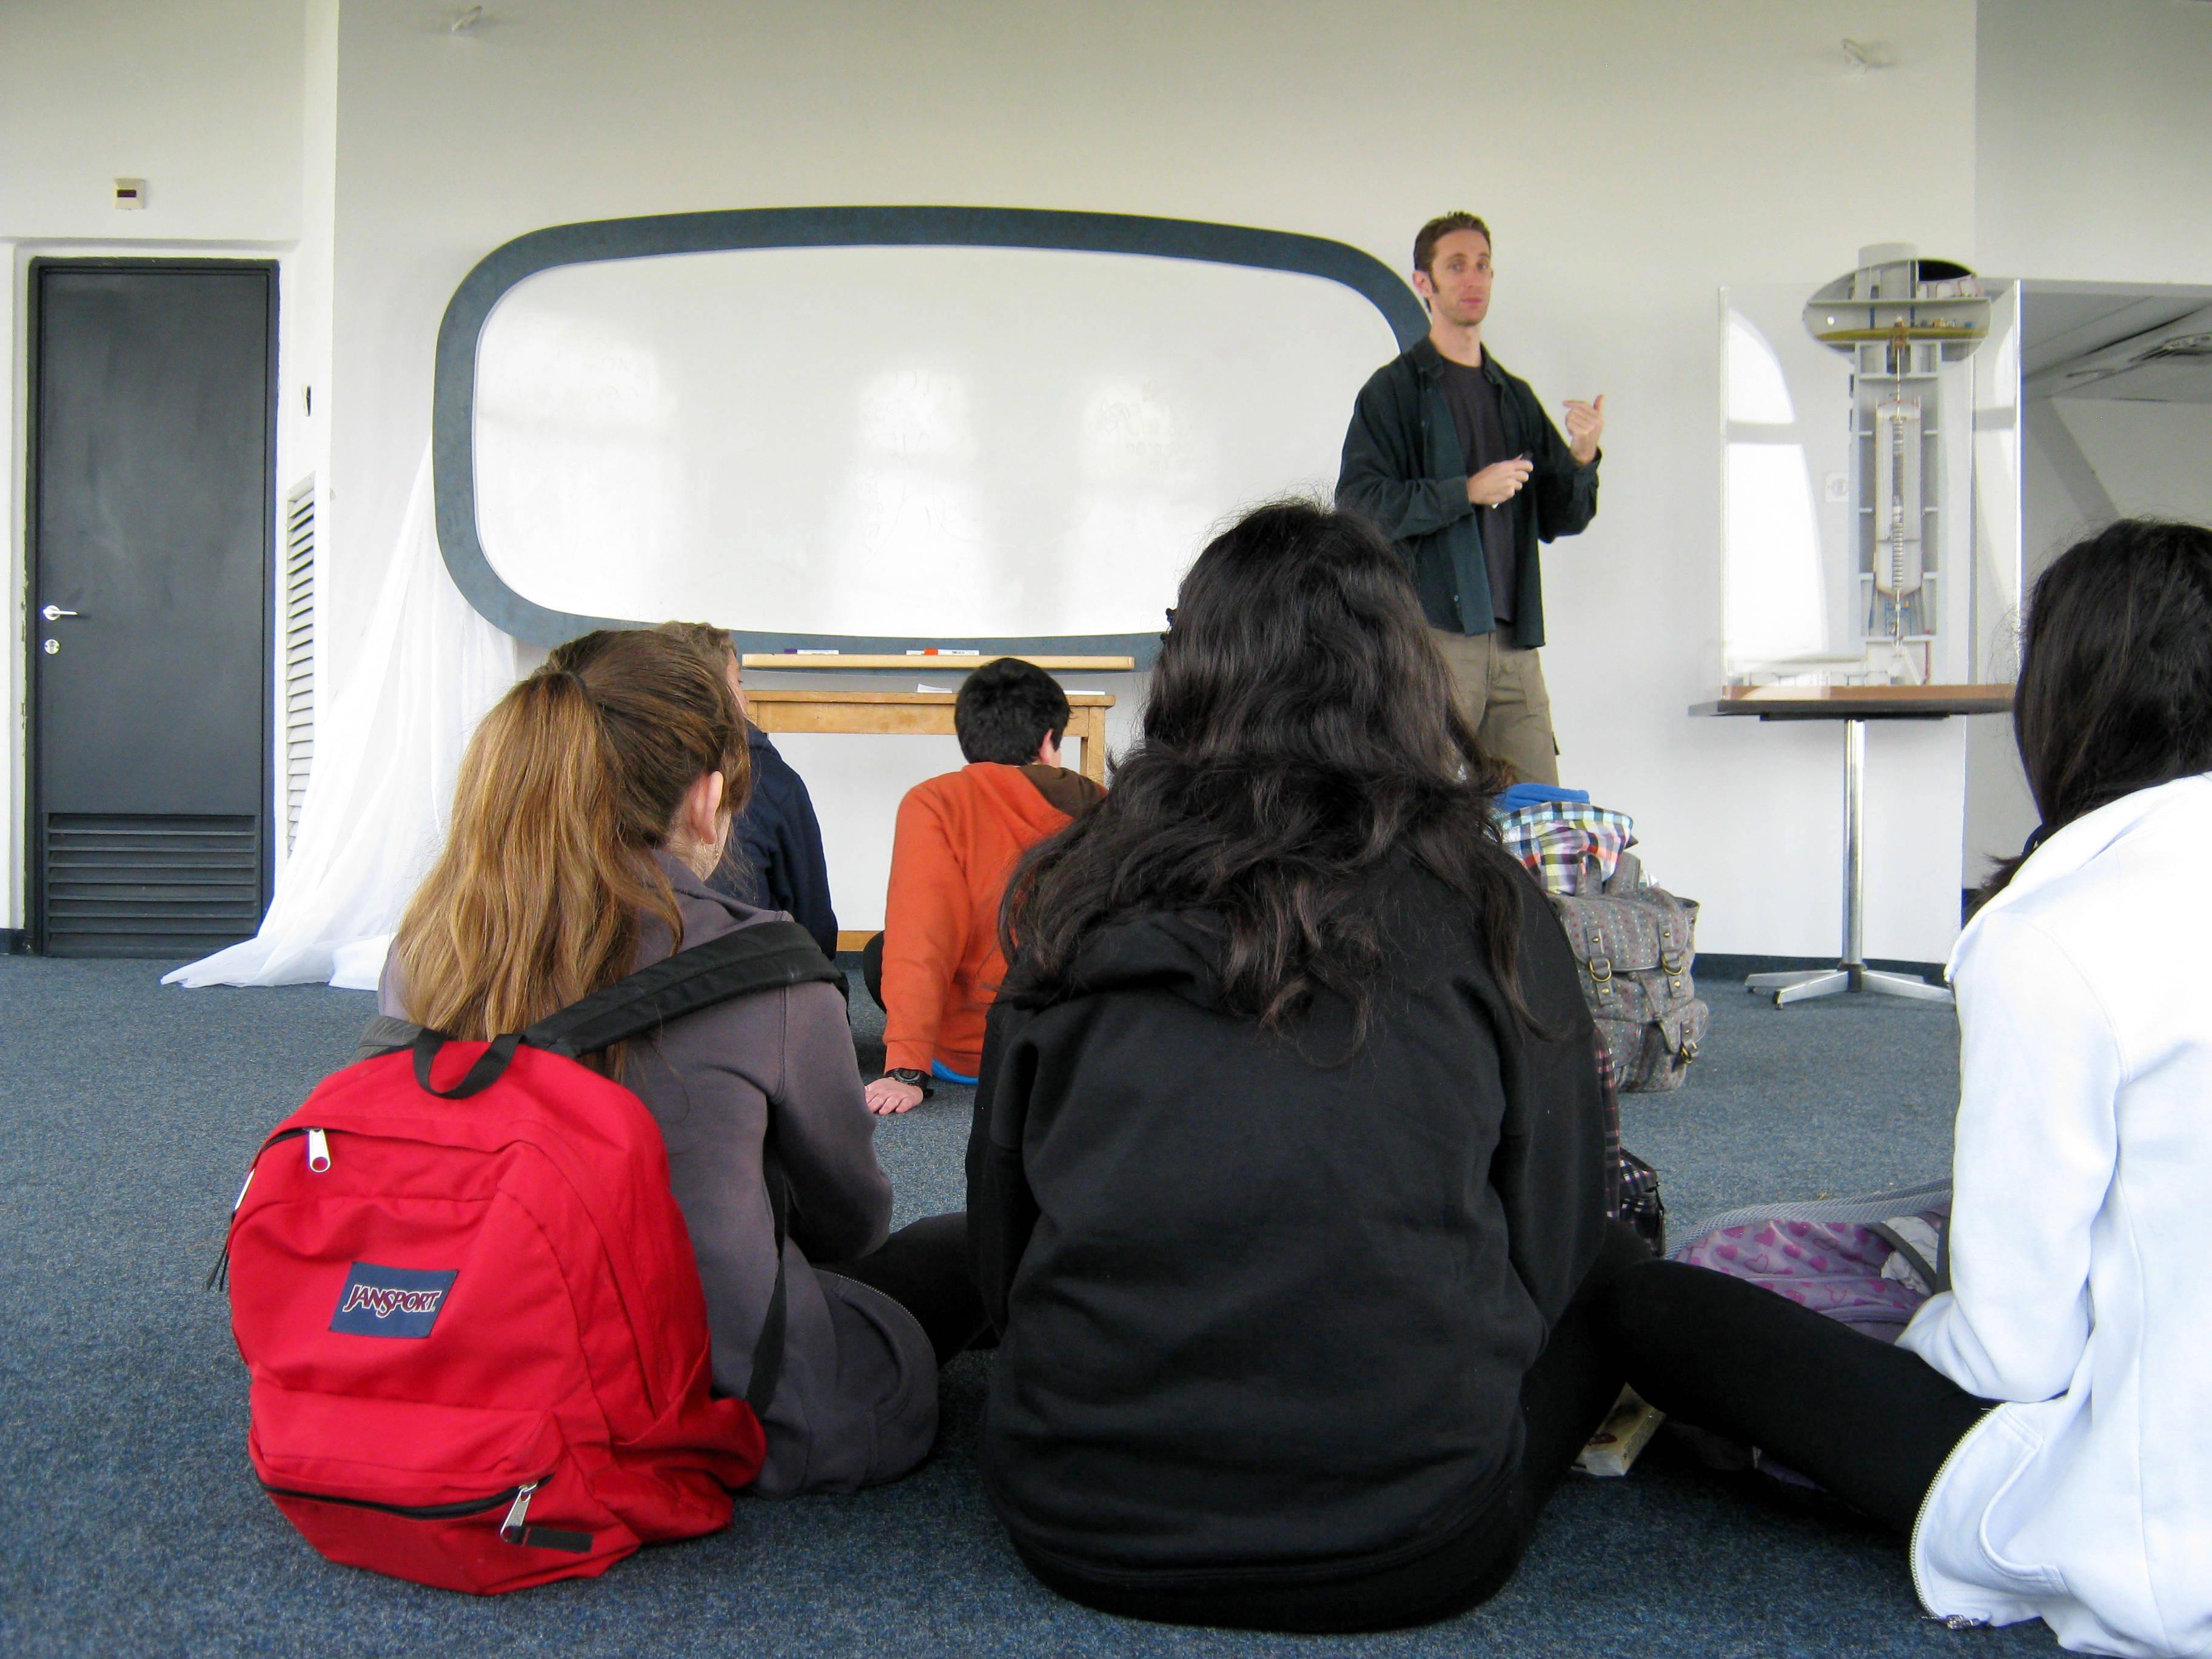 פעילות מדעית לתלמידים - Activity with students